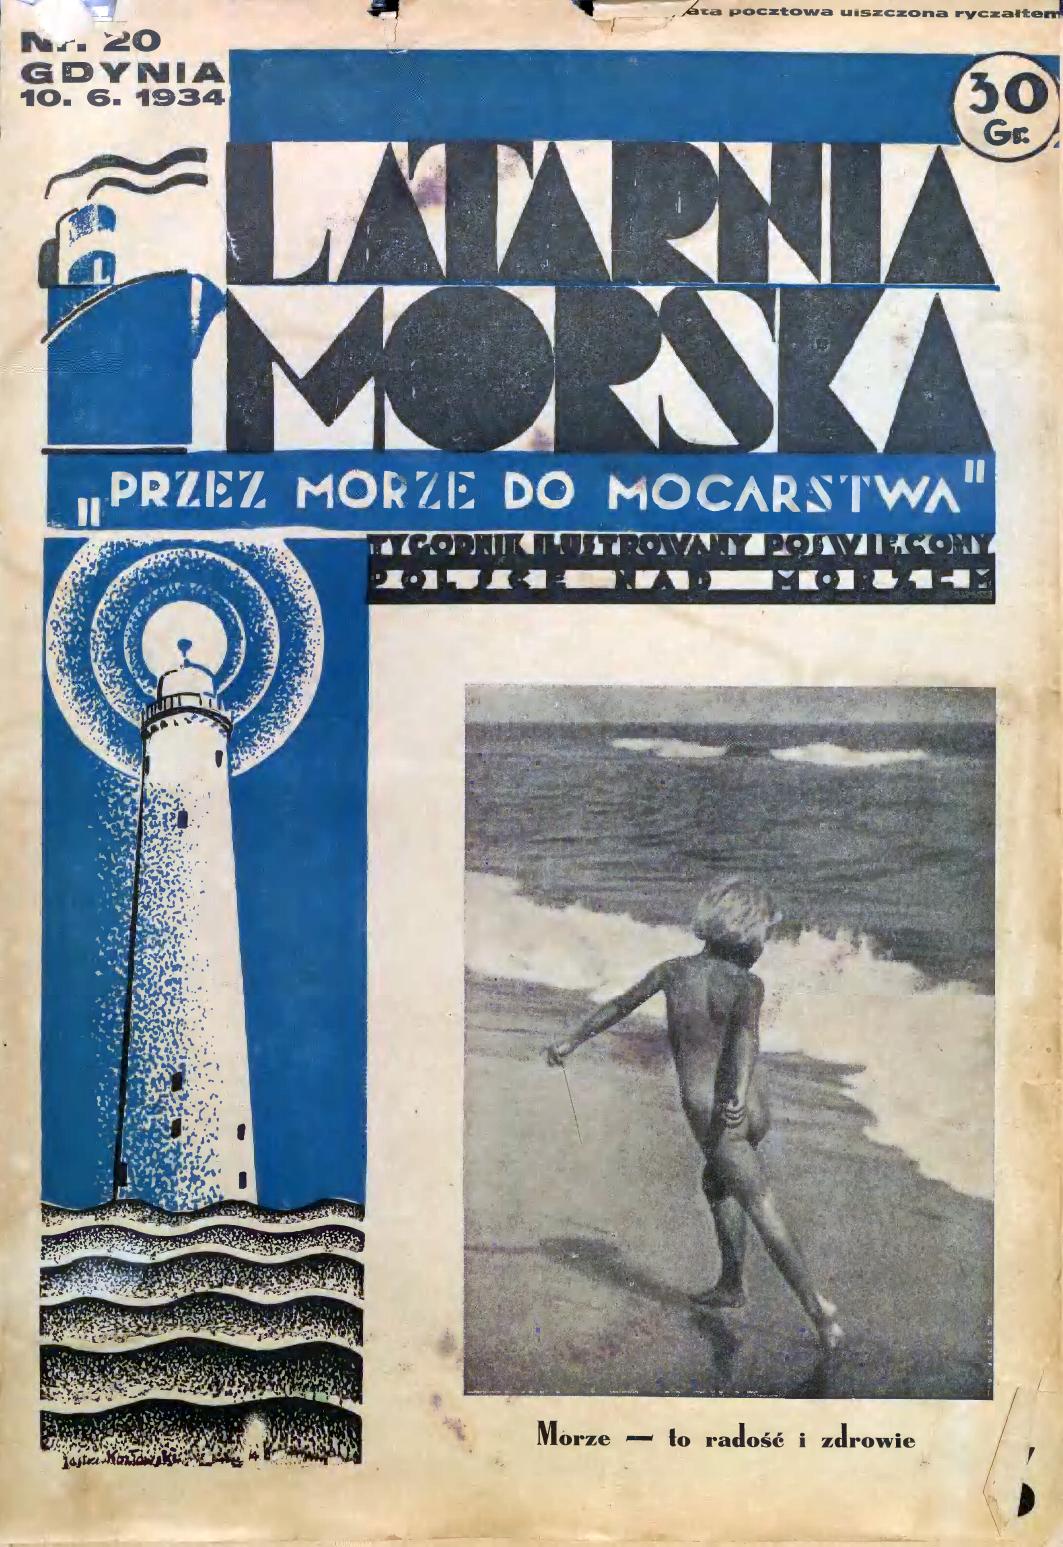 Latarnia Morska: tygodnik ilustrowany poświęcony Polsce nad morzem. – Gdynia : Balto Polak – Zakłady Graficzne i Wydawnicze, 1934, nr 20